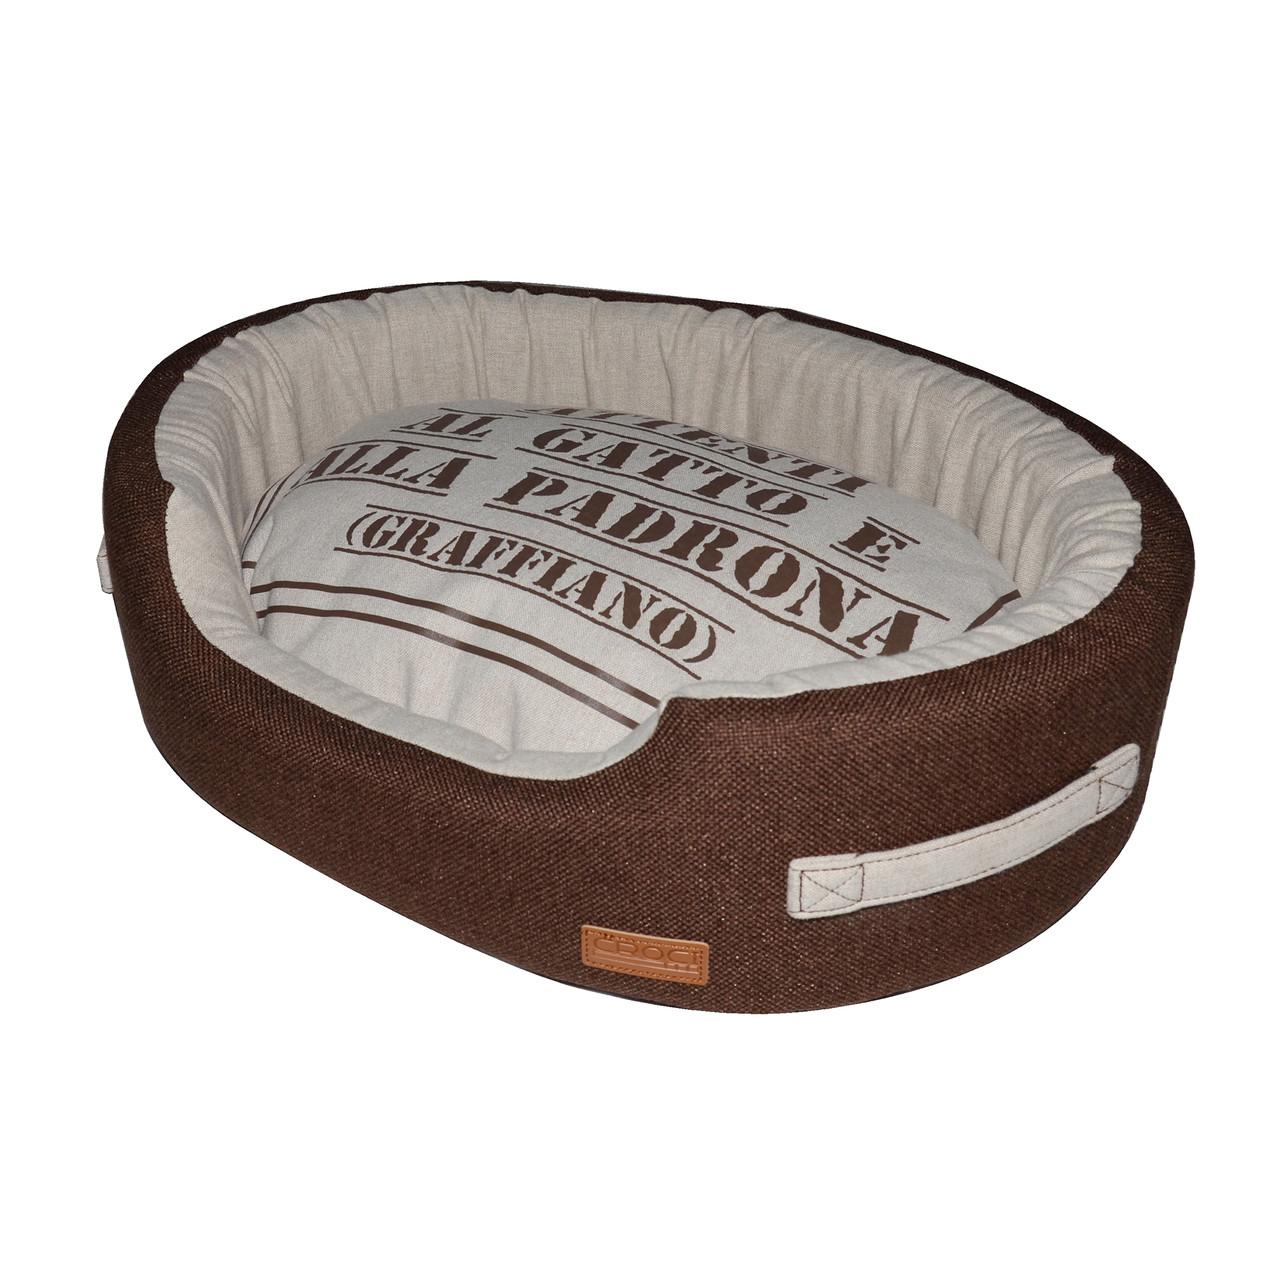 Лежак для животного Family, коричневый/беж, 58x40x15см *